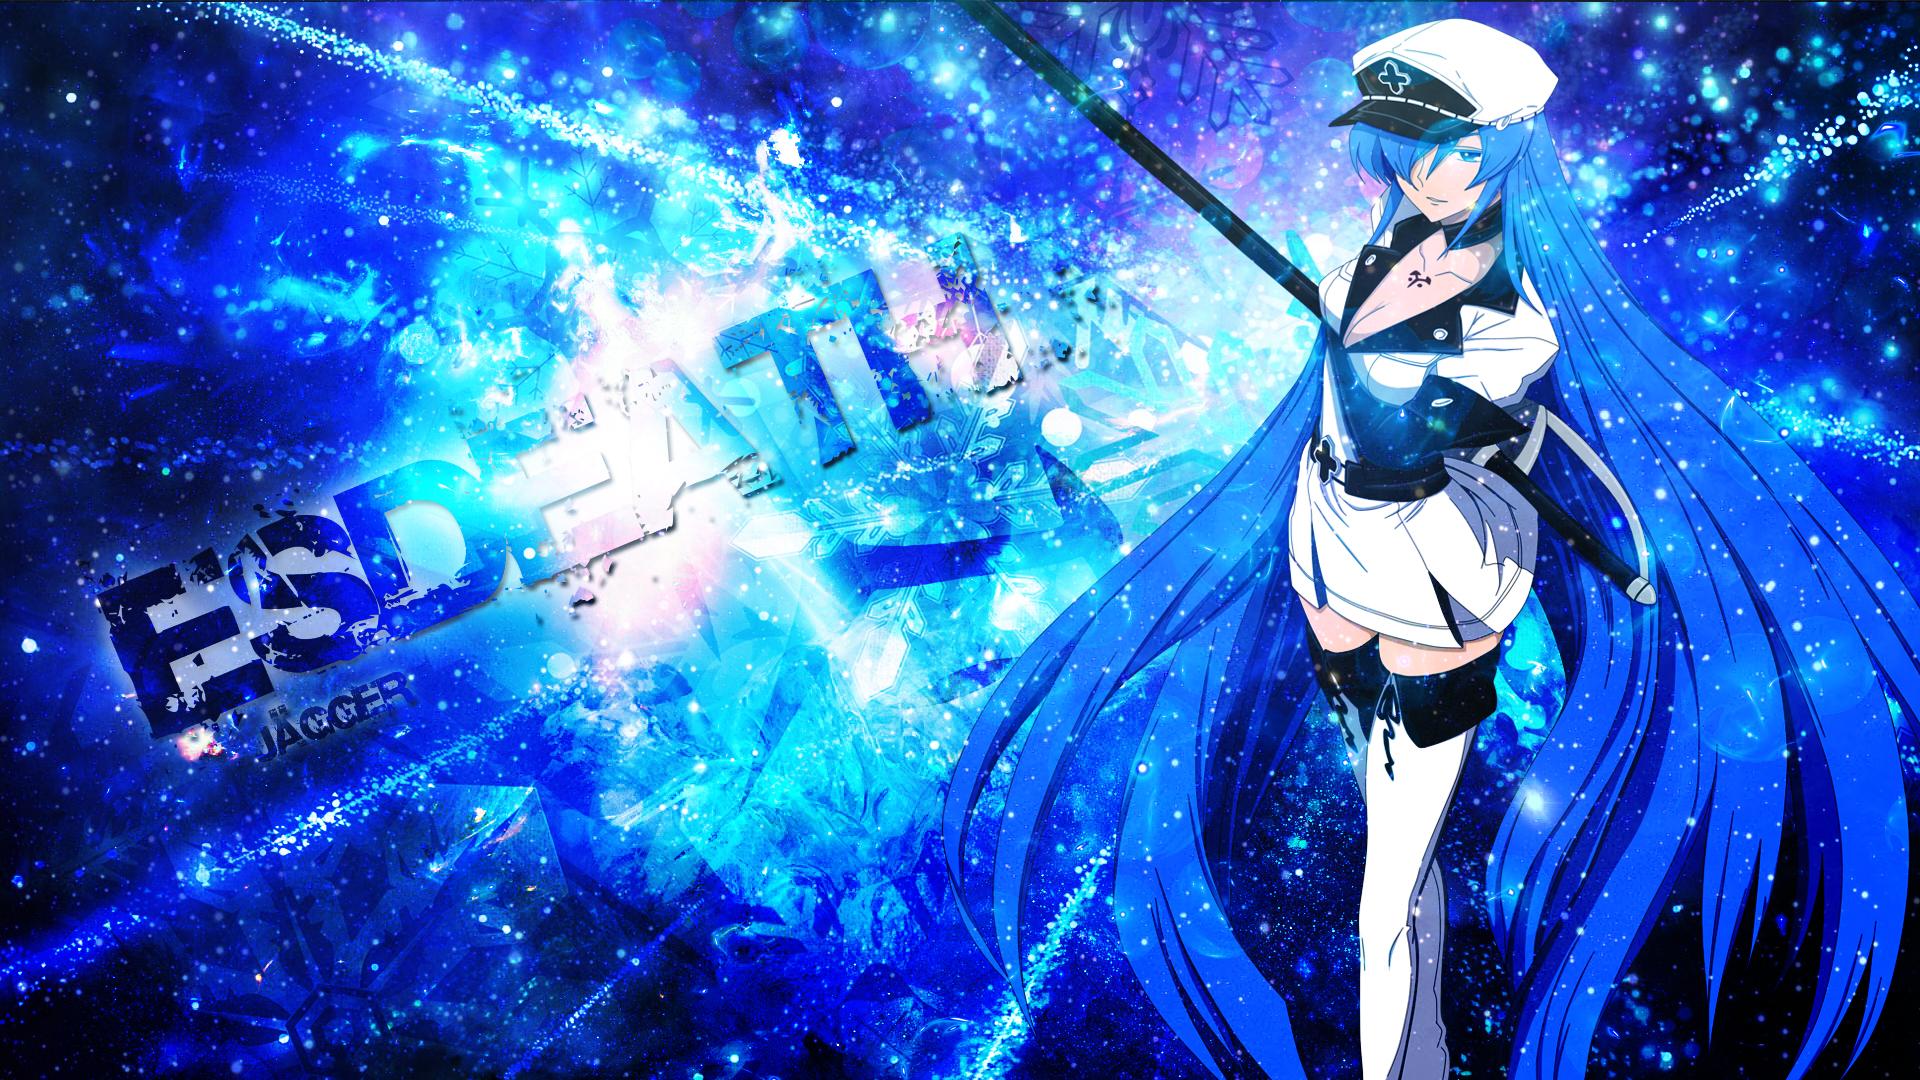 Akame ga Kill! Fond d'écran HD | Arrière-Plan | 1920x1080 | ID:710680 - Wallpaper Abyss